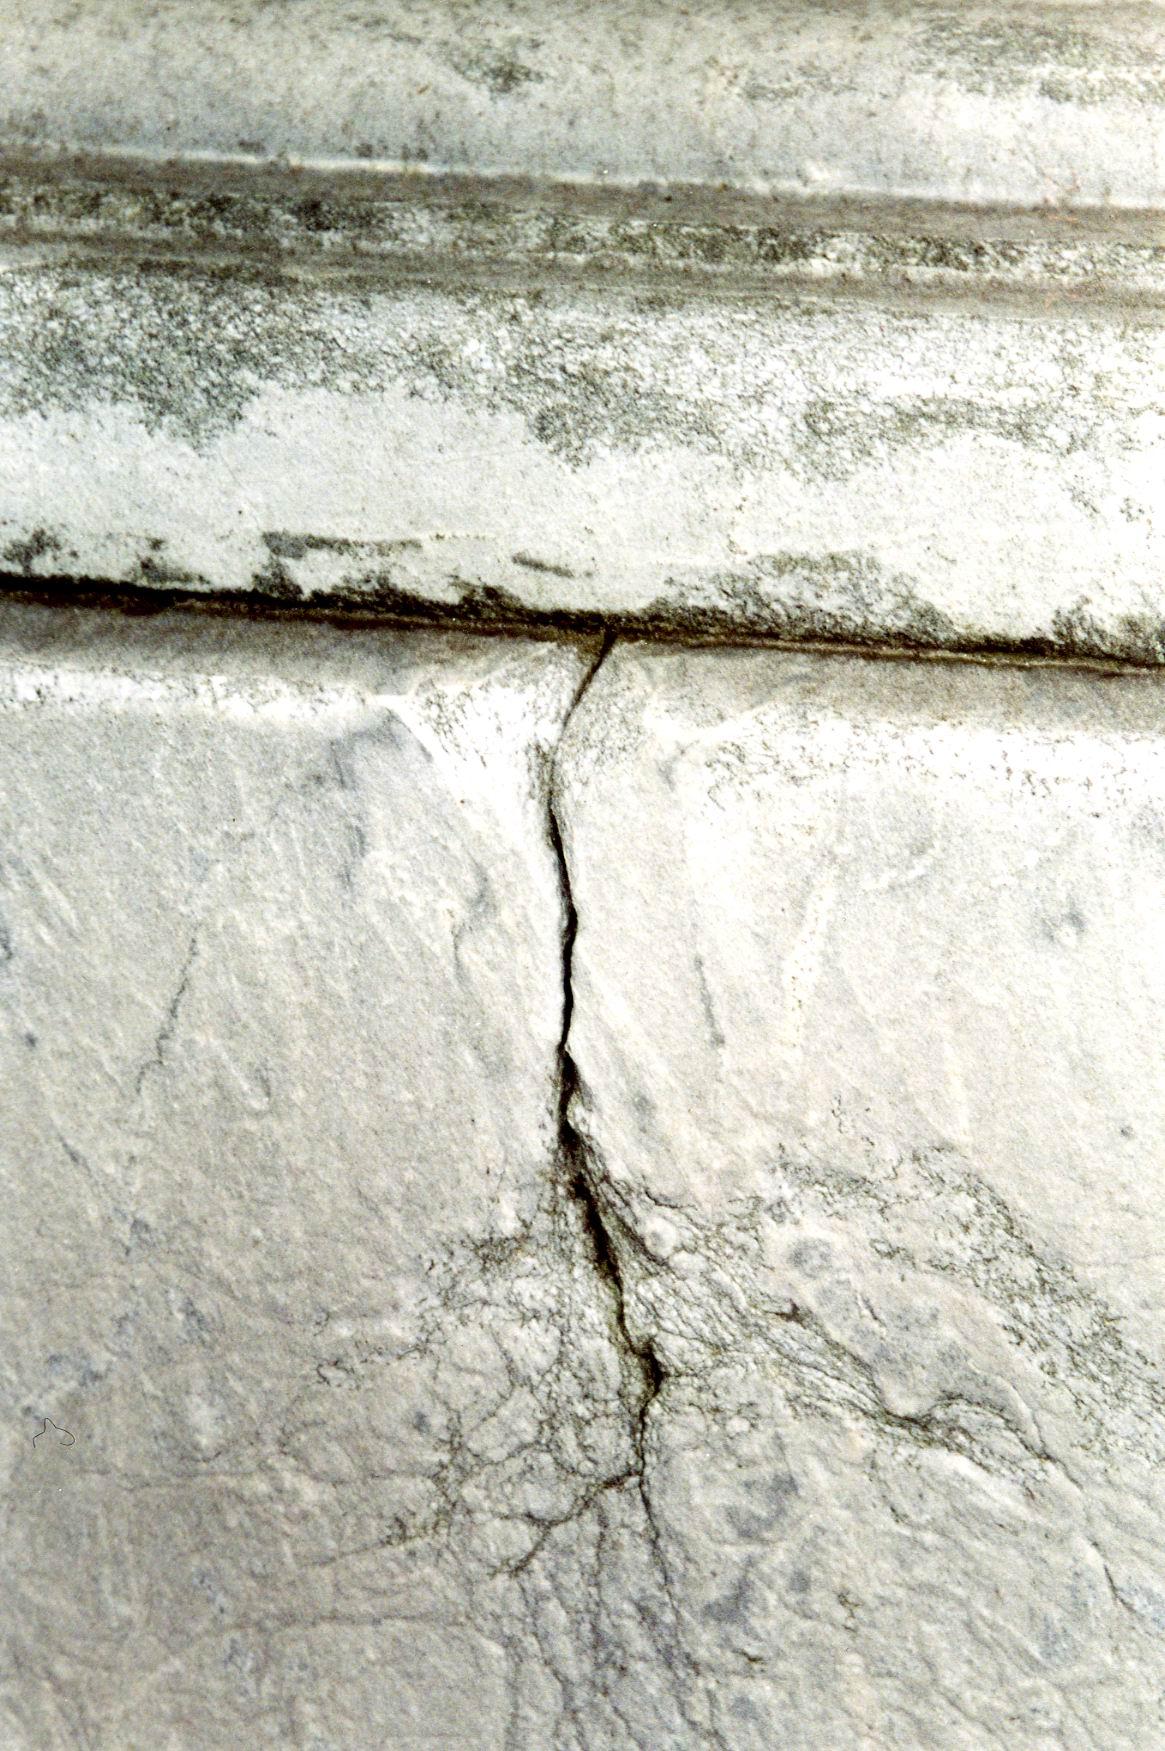 Фрагмент постамента. Южная сторона. Видно отшелушивание, трещина, приводящая к расколу г/п. Фото ноября 2003 г.